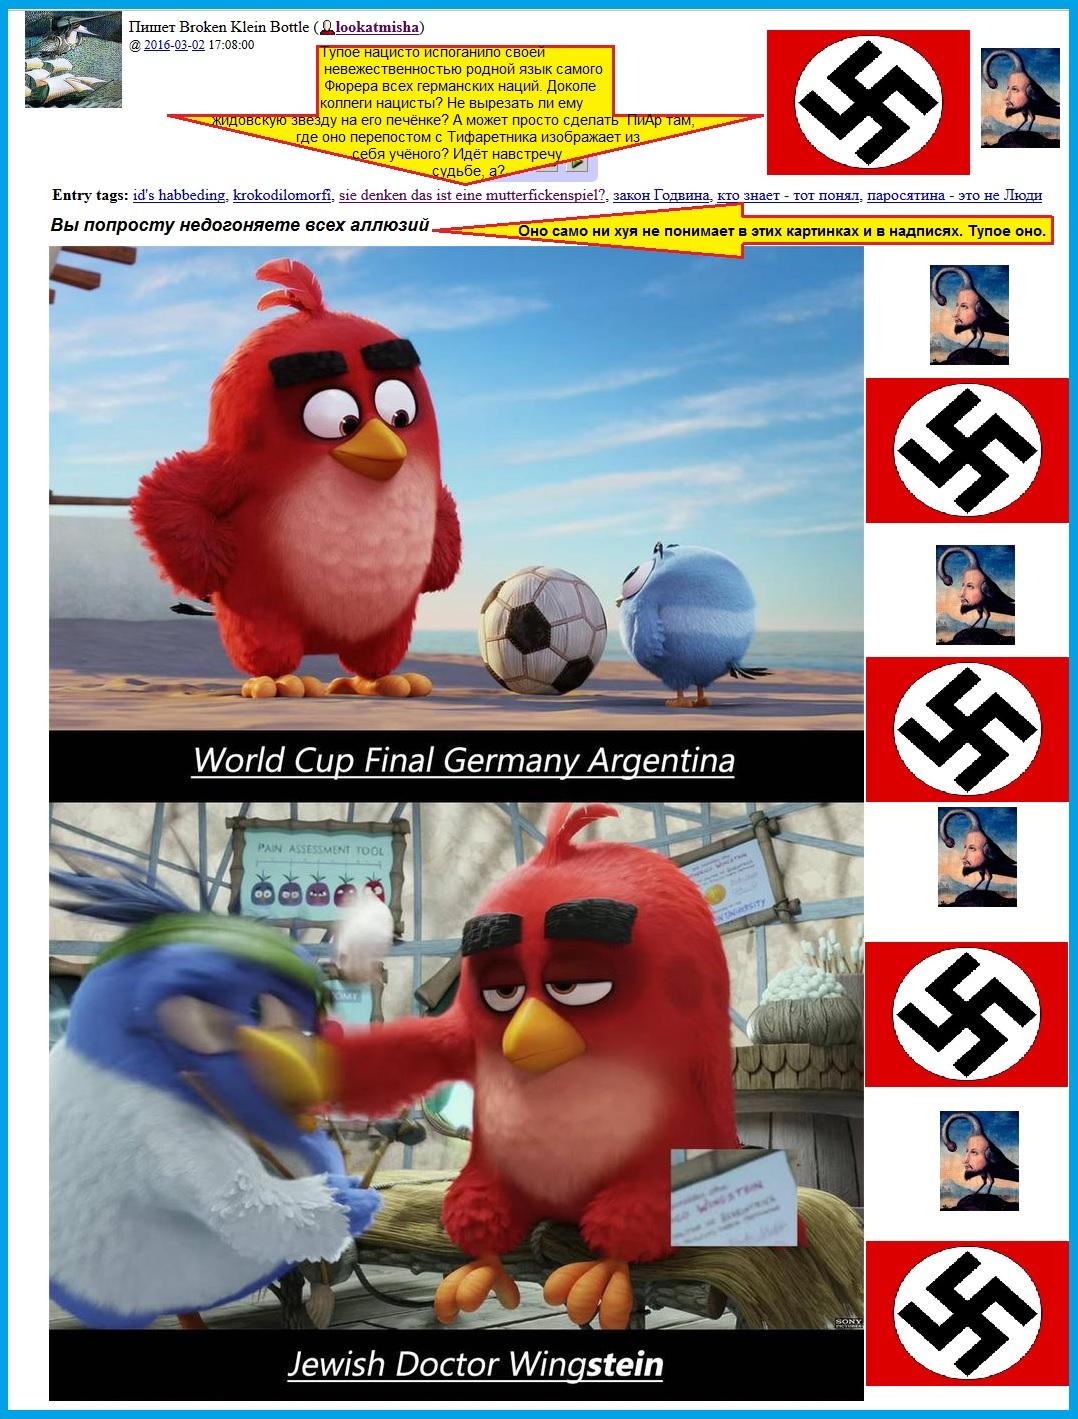 Посмотри на Мишку, совсем тупой нацист